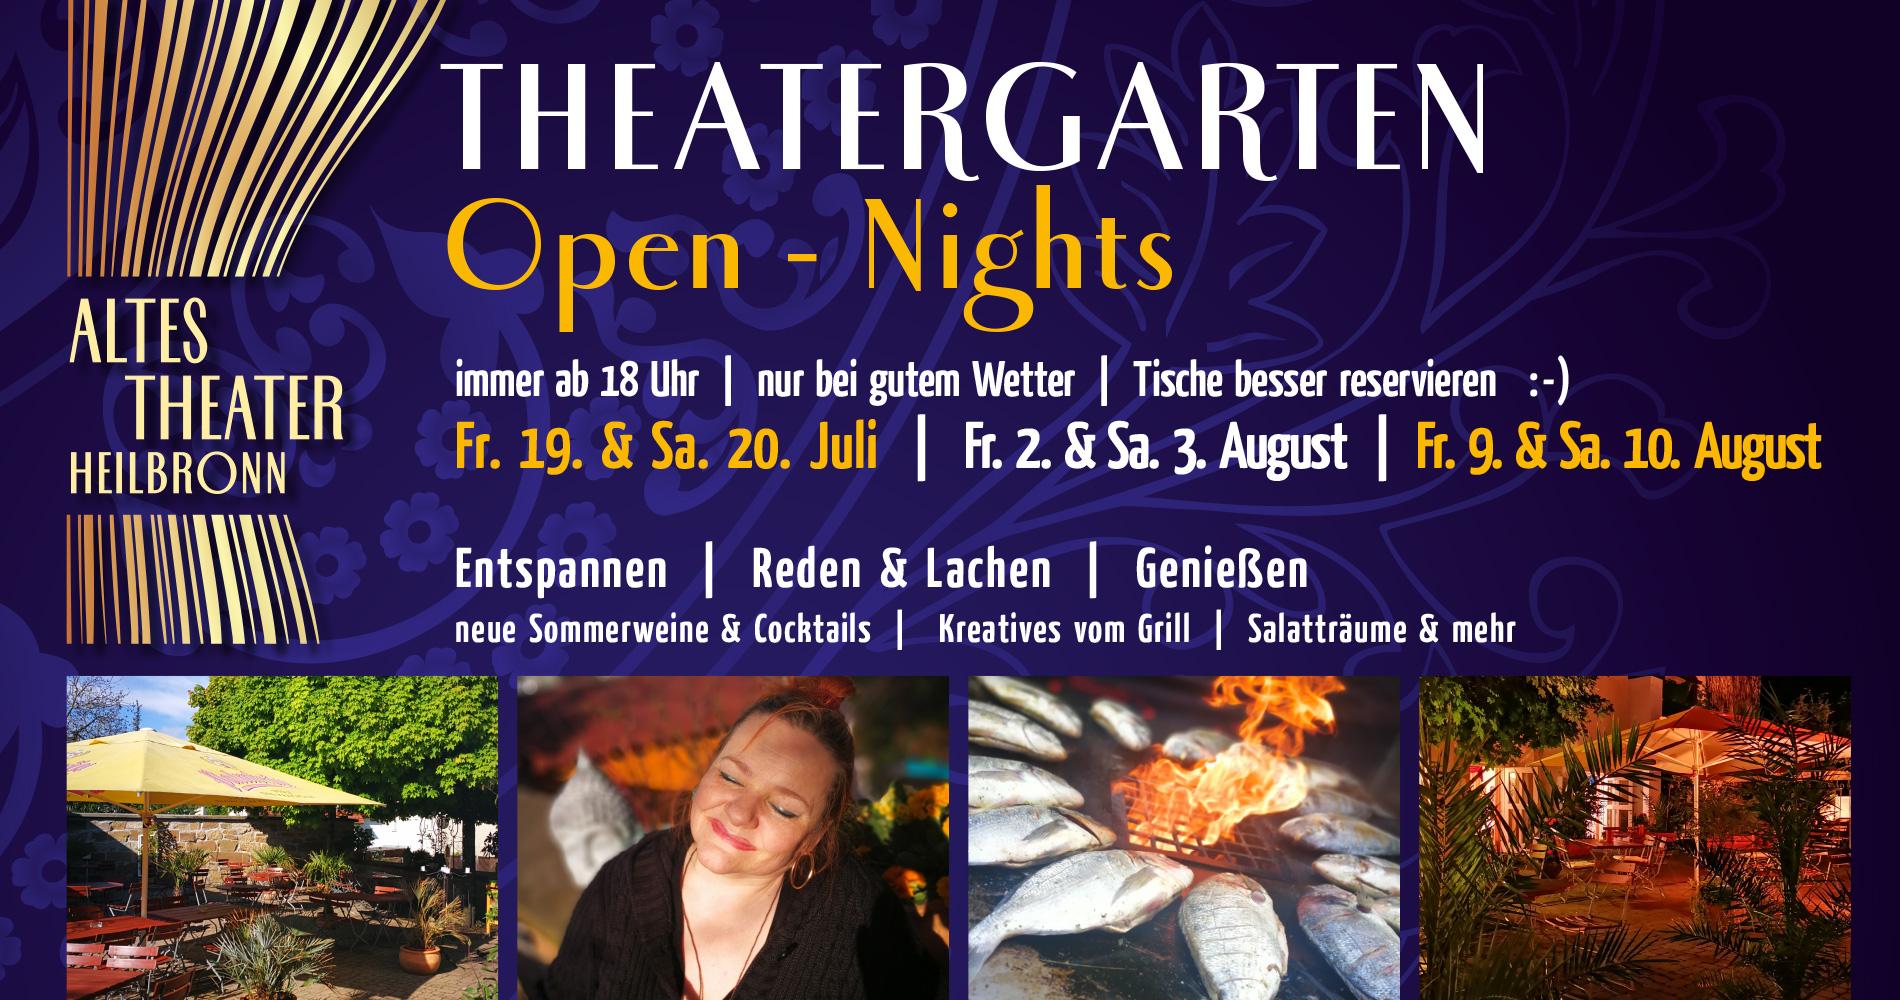 ATH-Theatergarten-BBQ-FB.jpg